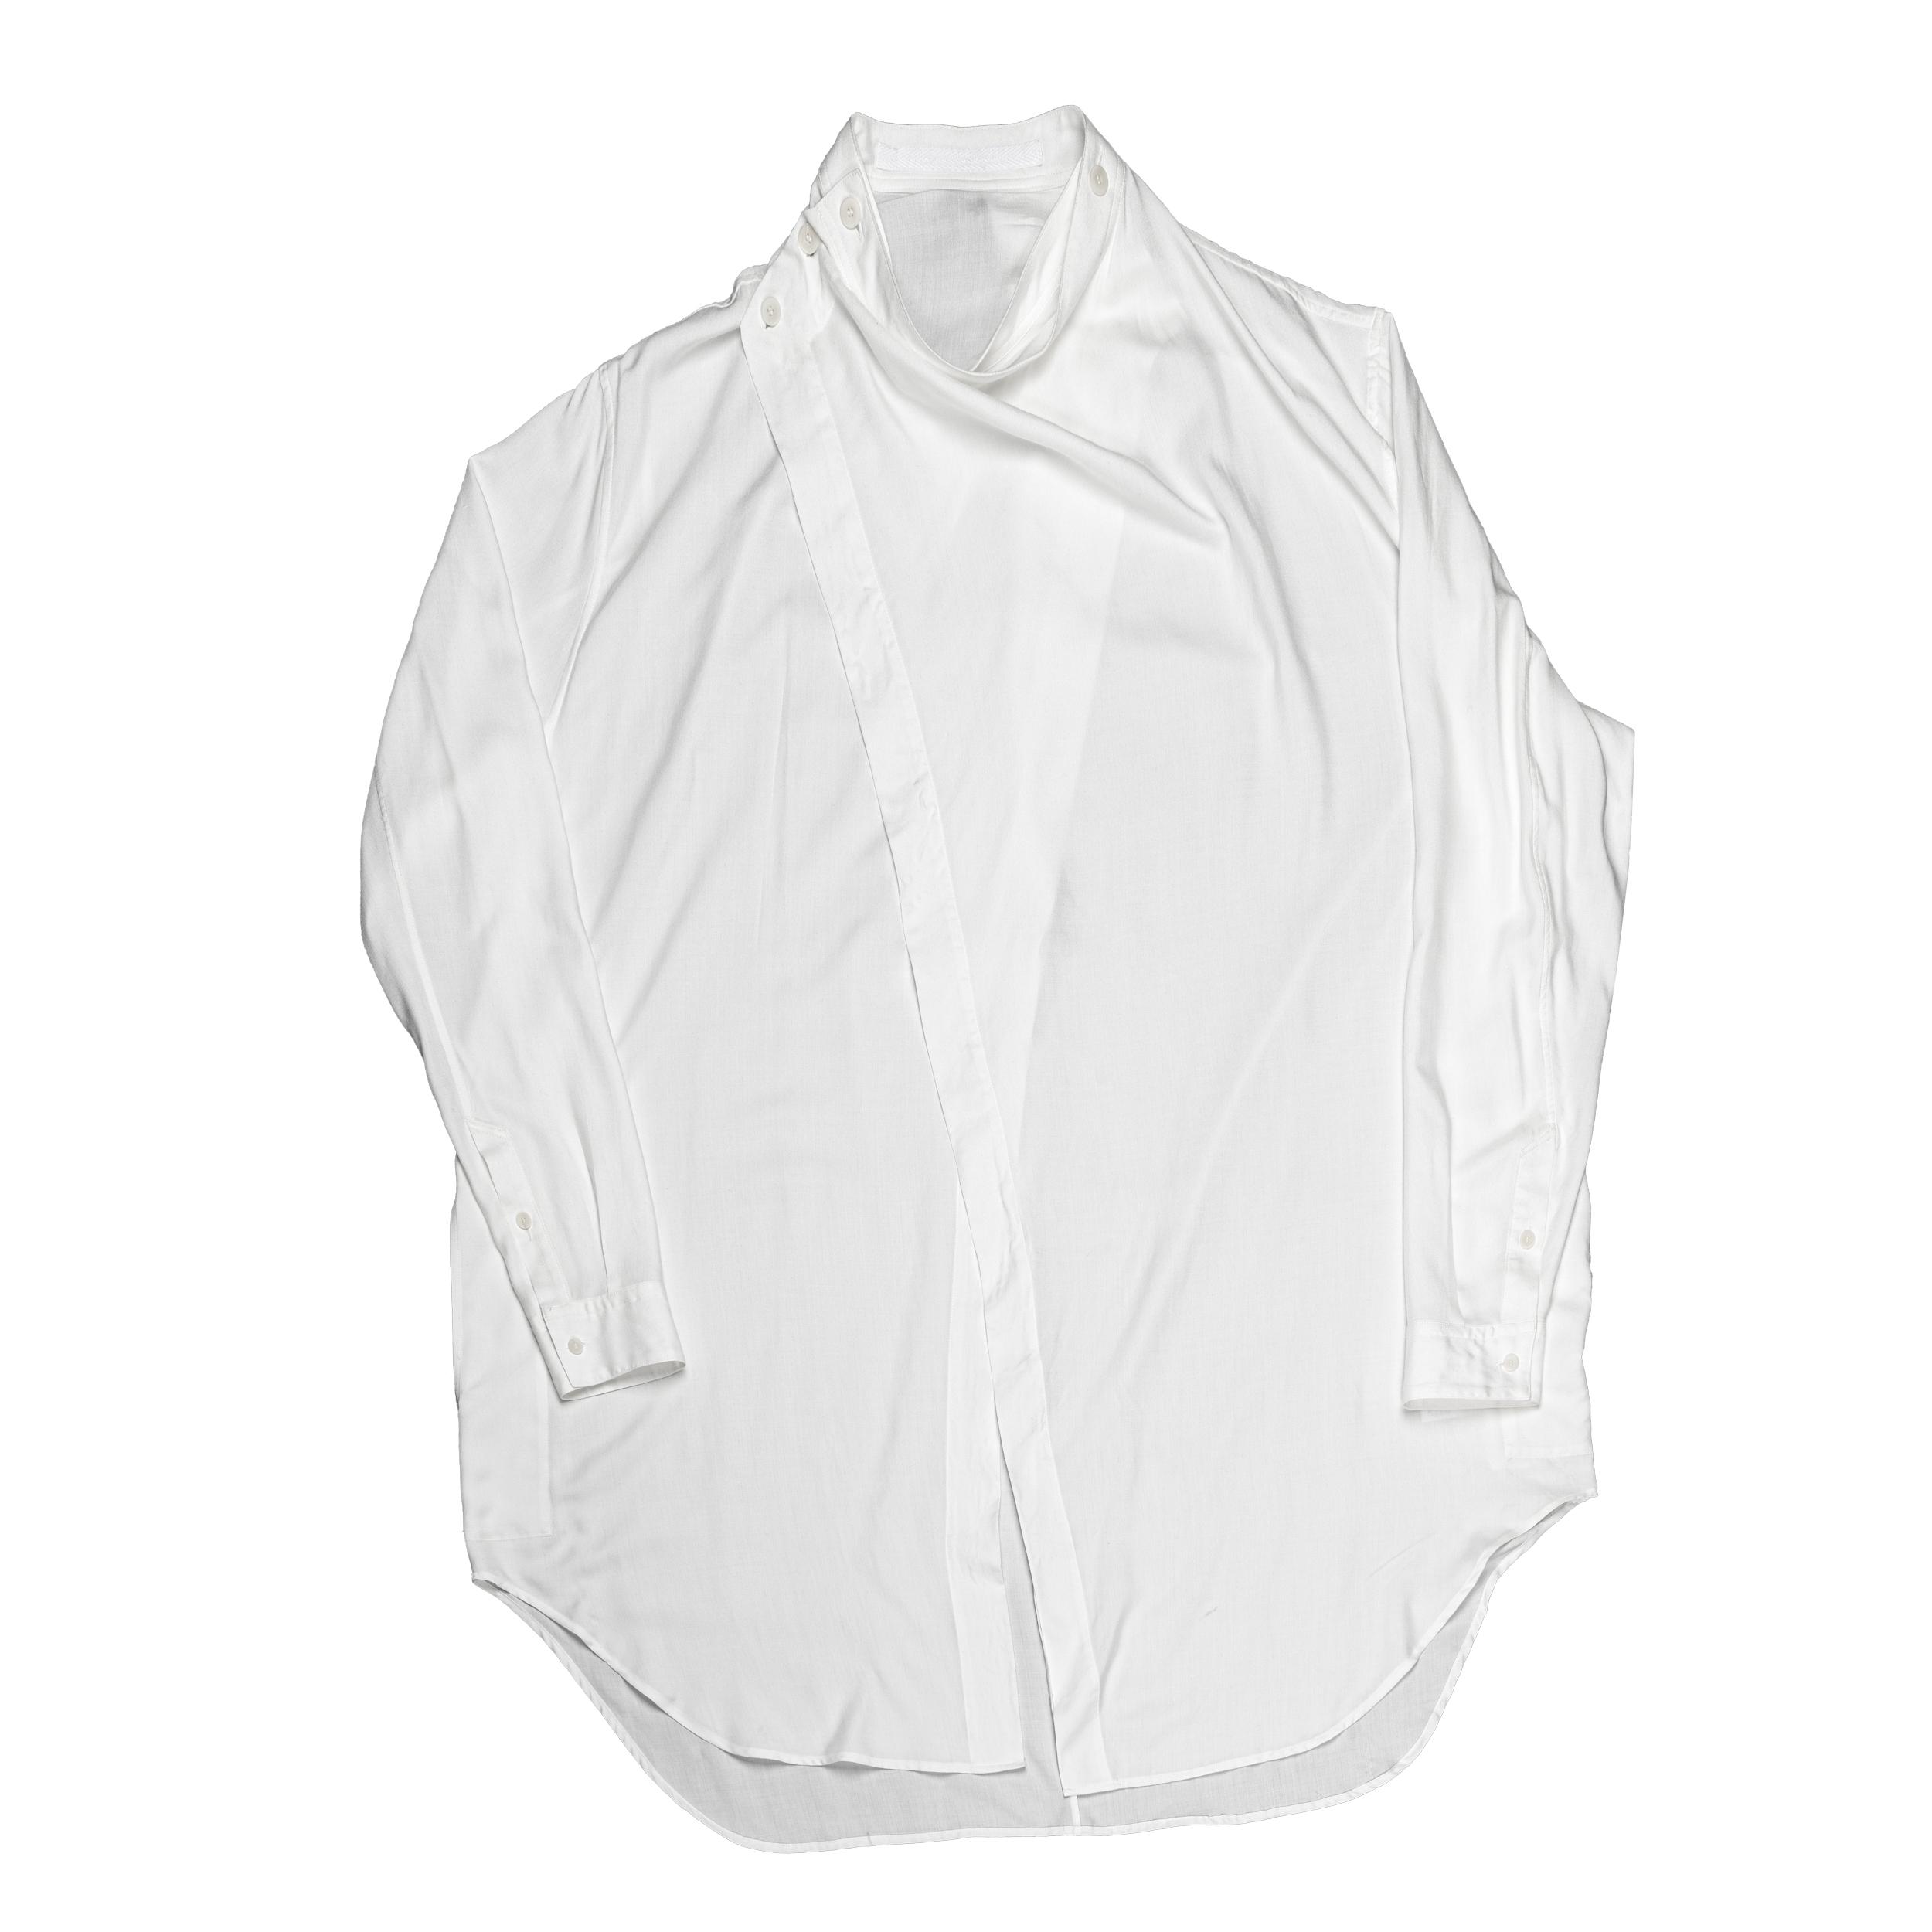 667SHM2-WHITE / カバードシャツ